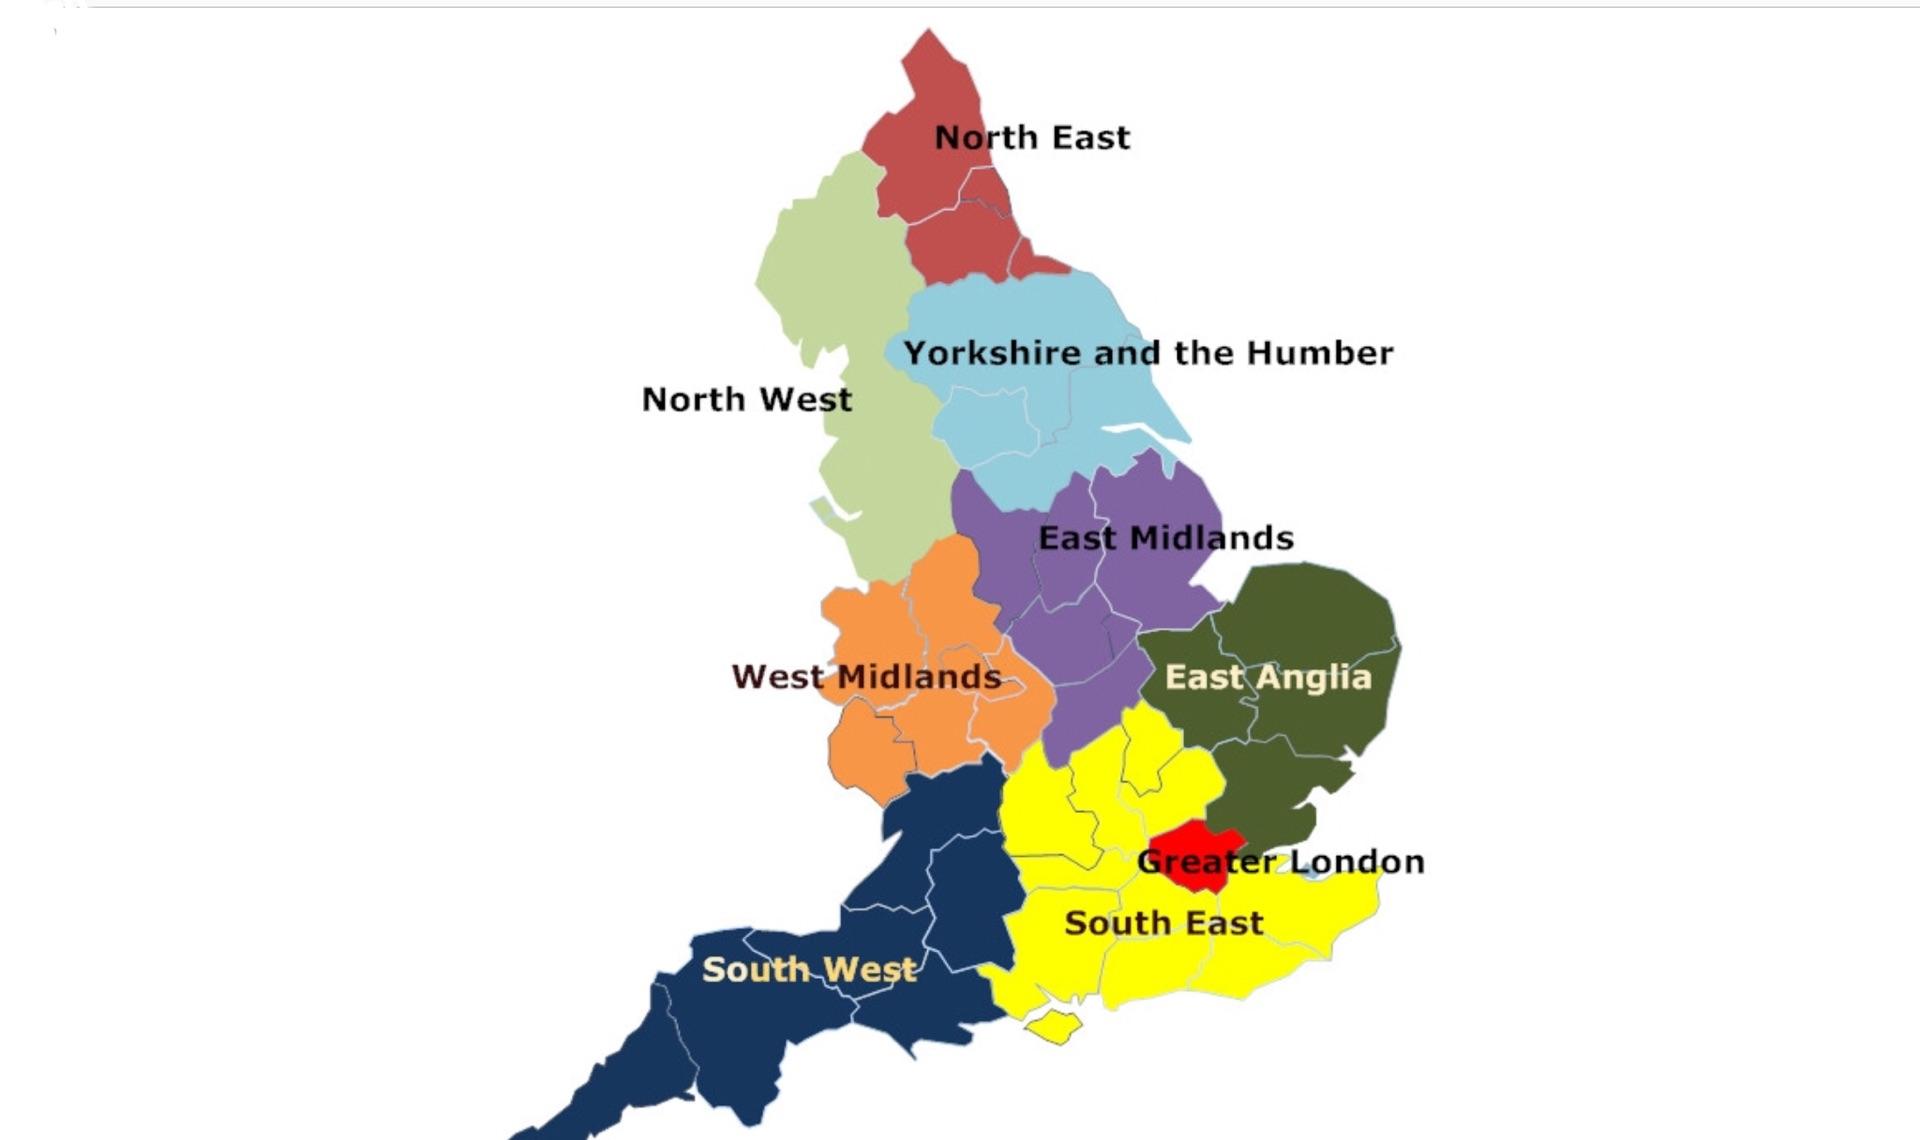 England And London Map.England